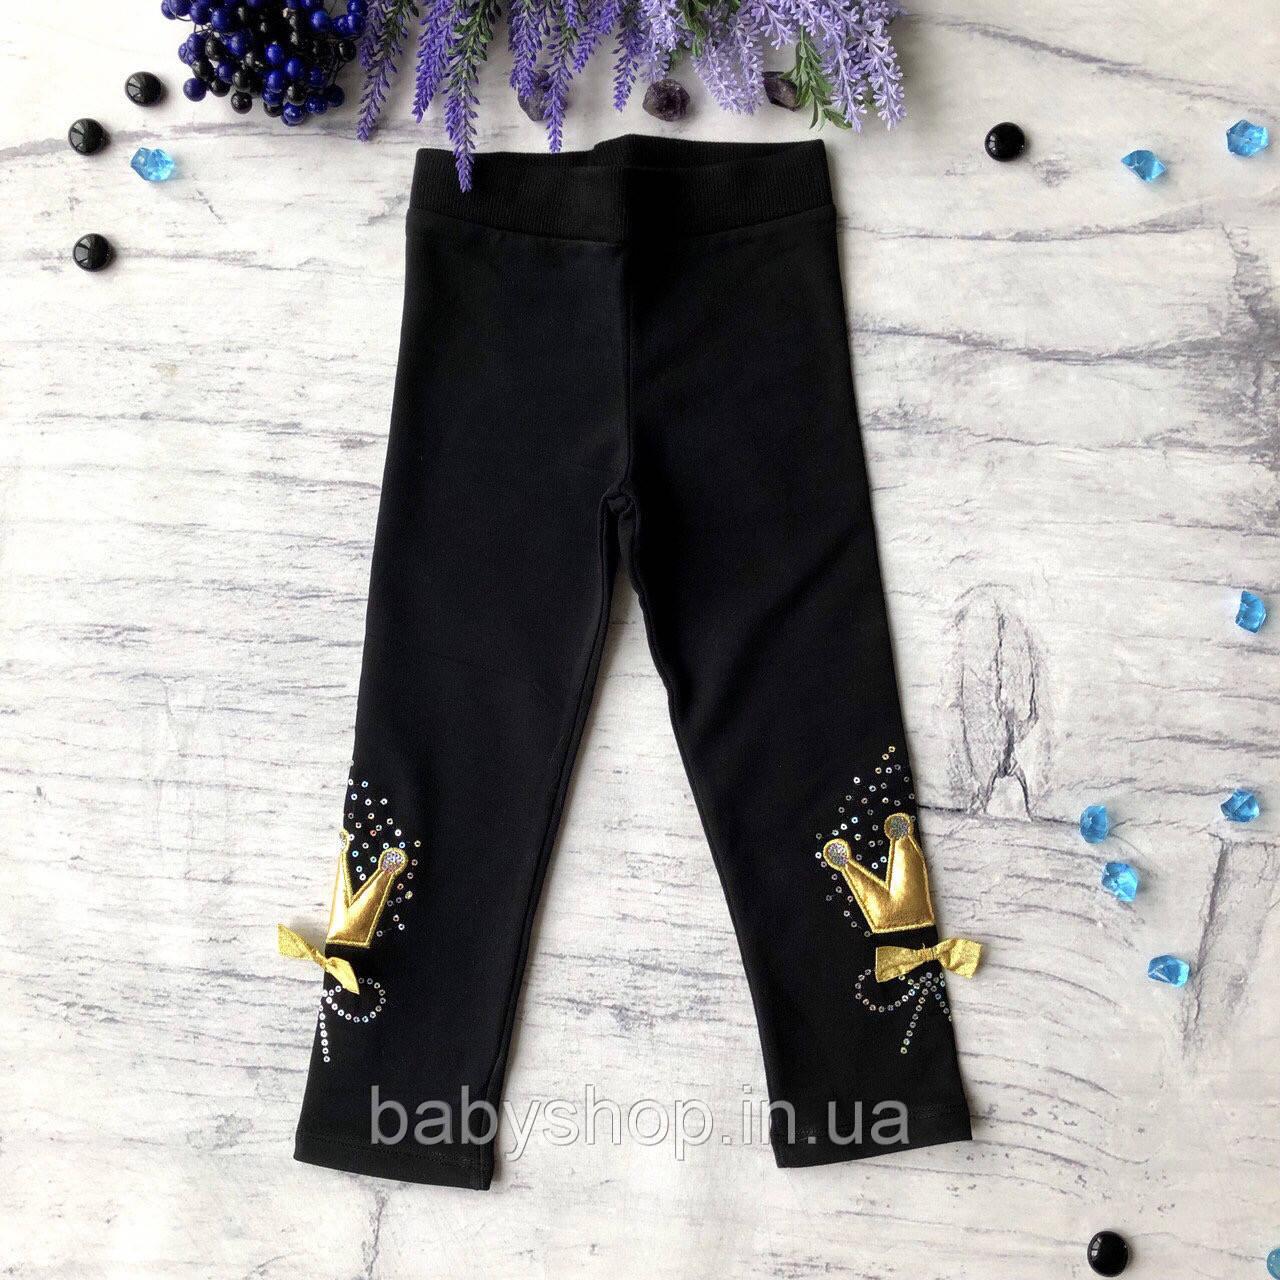 Лосины чорные на девочку Breeze 12. Размеры  98 см, 104 см, 110 см, 116 см